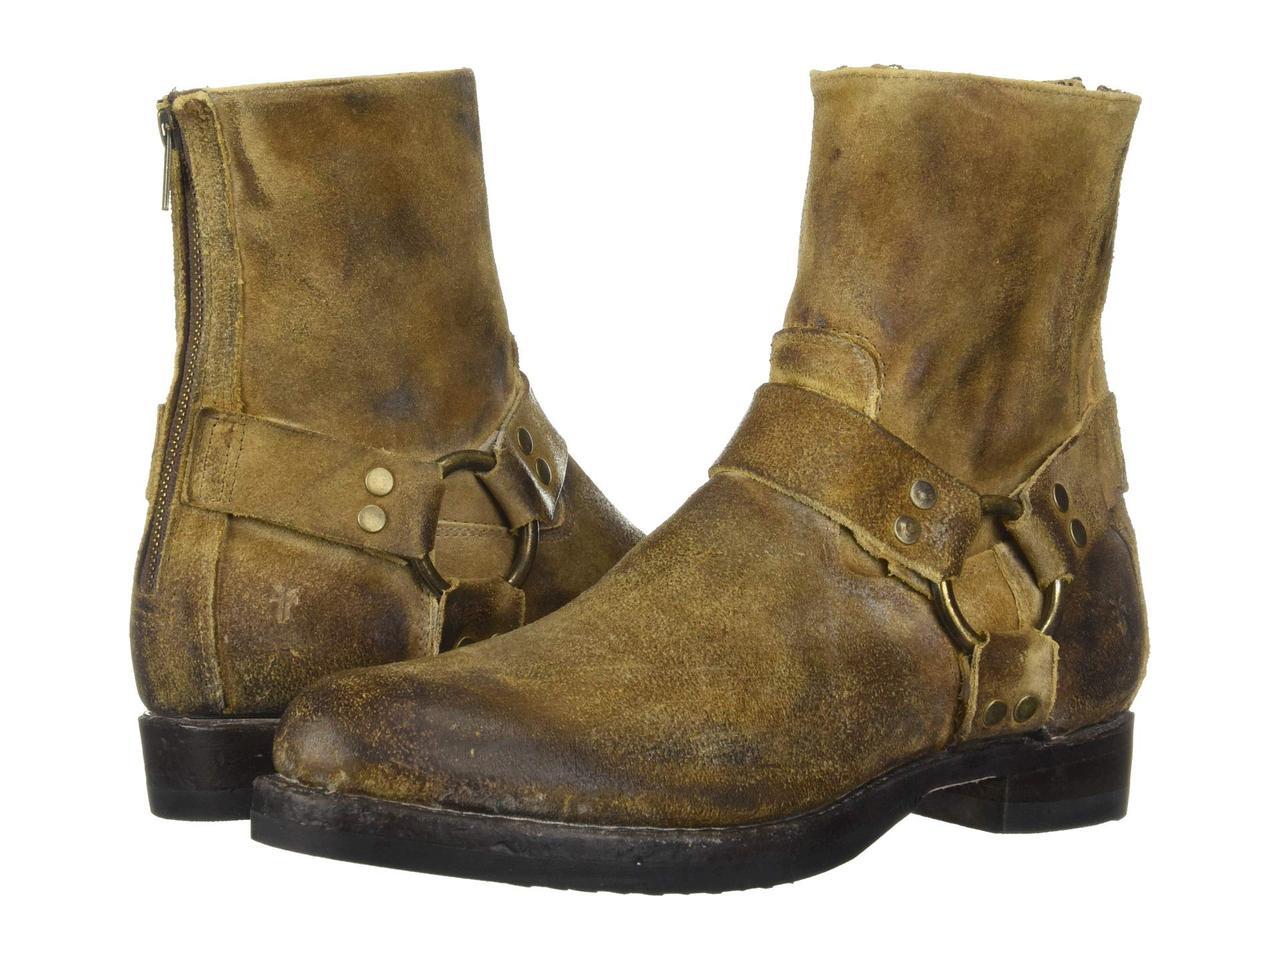 Ботинки Сапоги (Оригинал) Frye John Addison Harness Back Zip Wheat Waxed  Suede - e35b4d8fb31